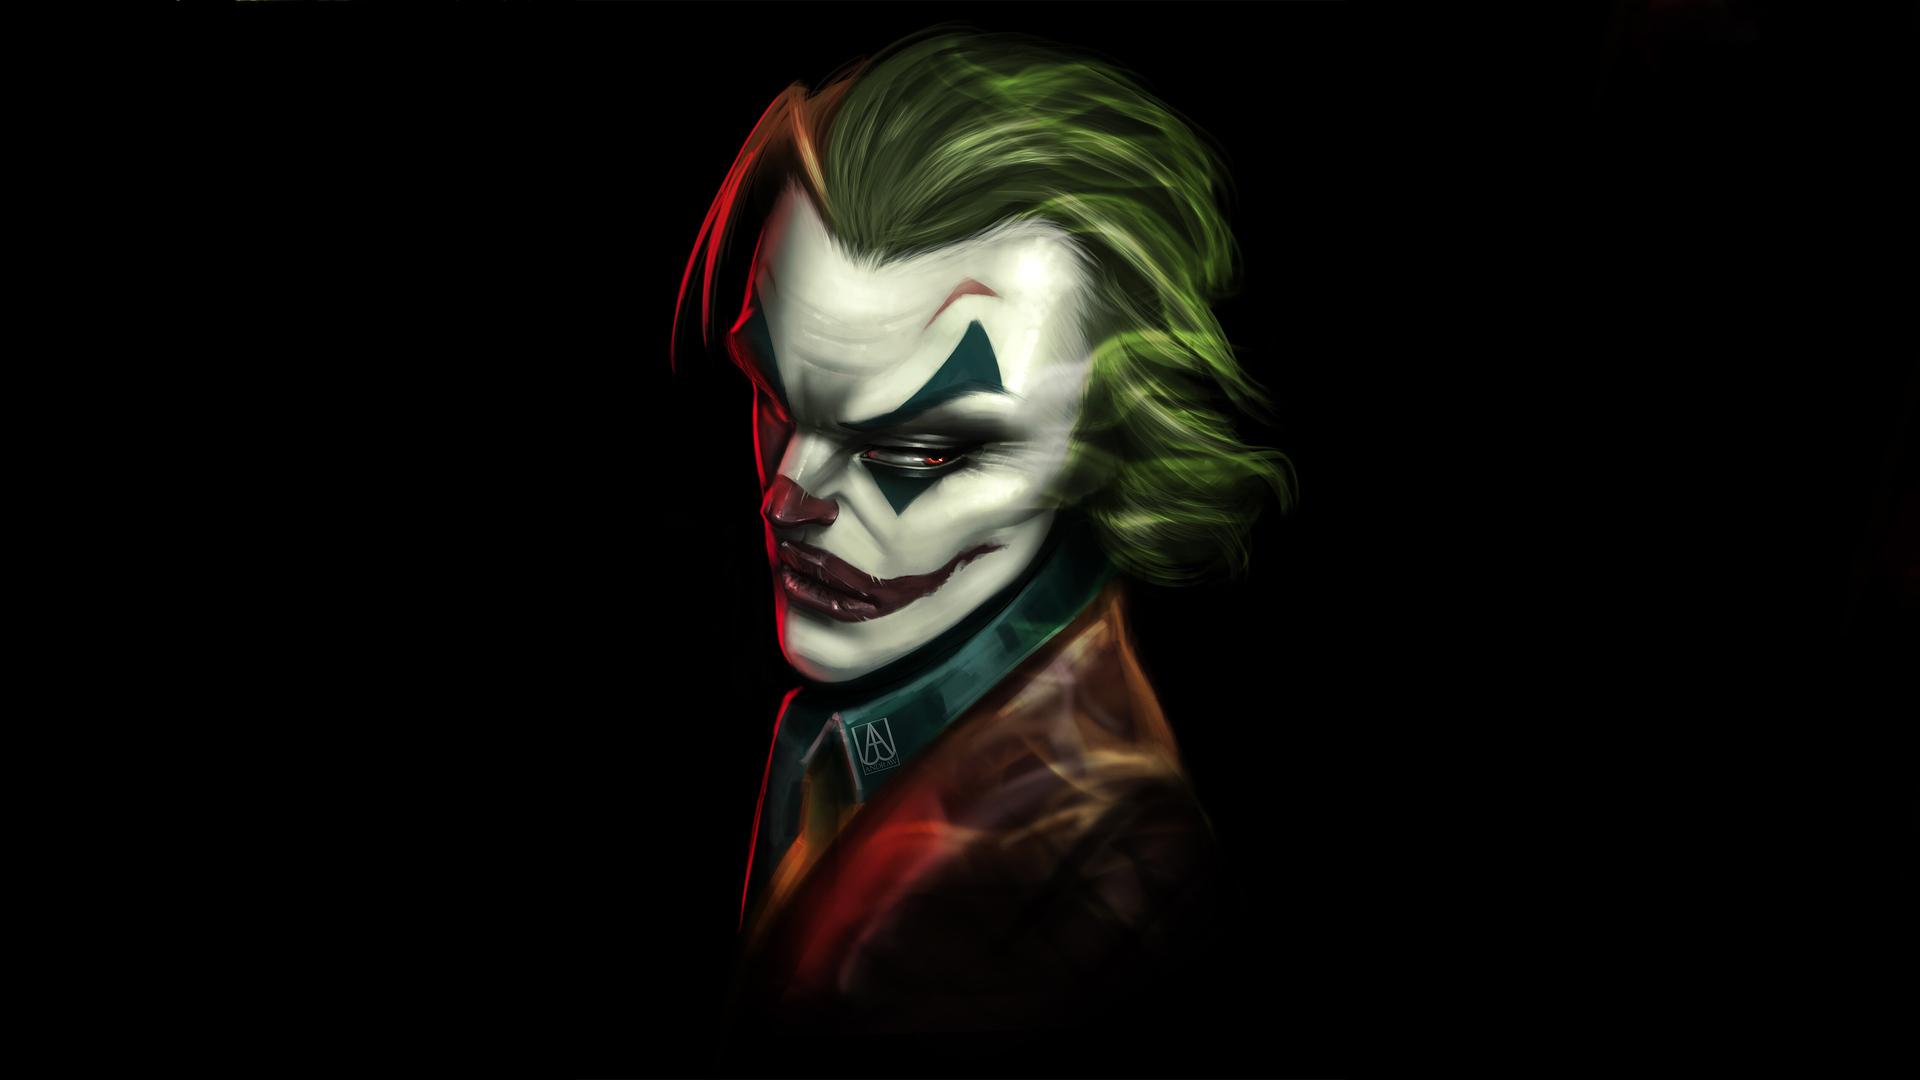 1920x1080 Joker Mad Art 4k Laptop Full Hd 1080p Hd 4k